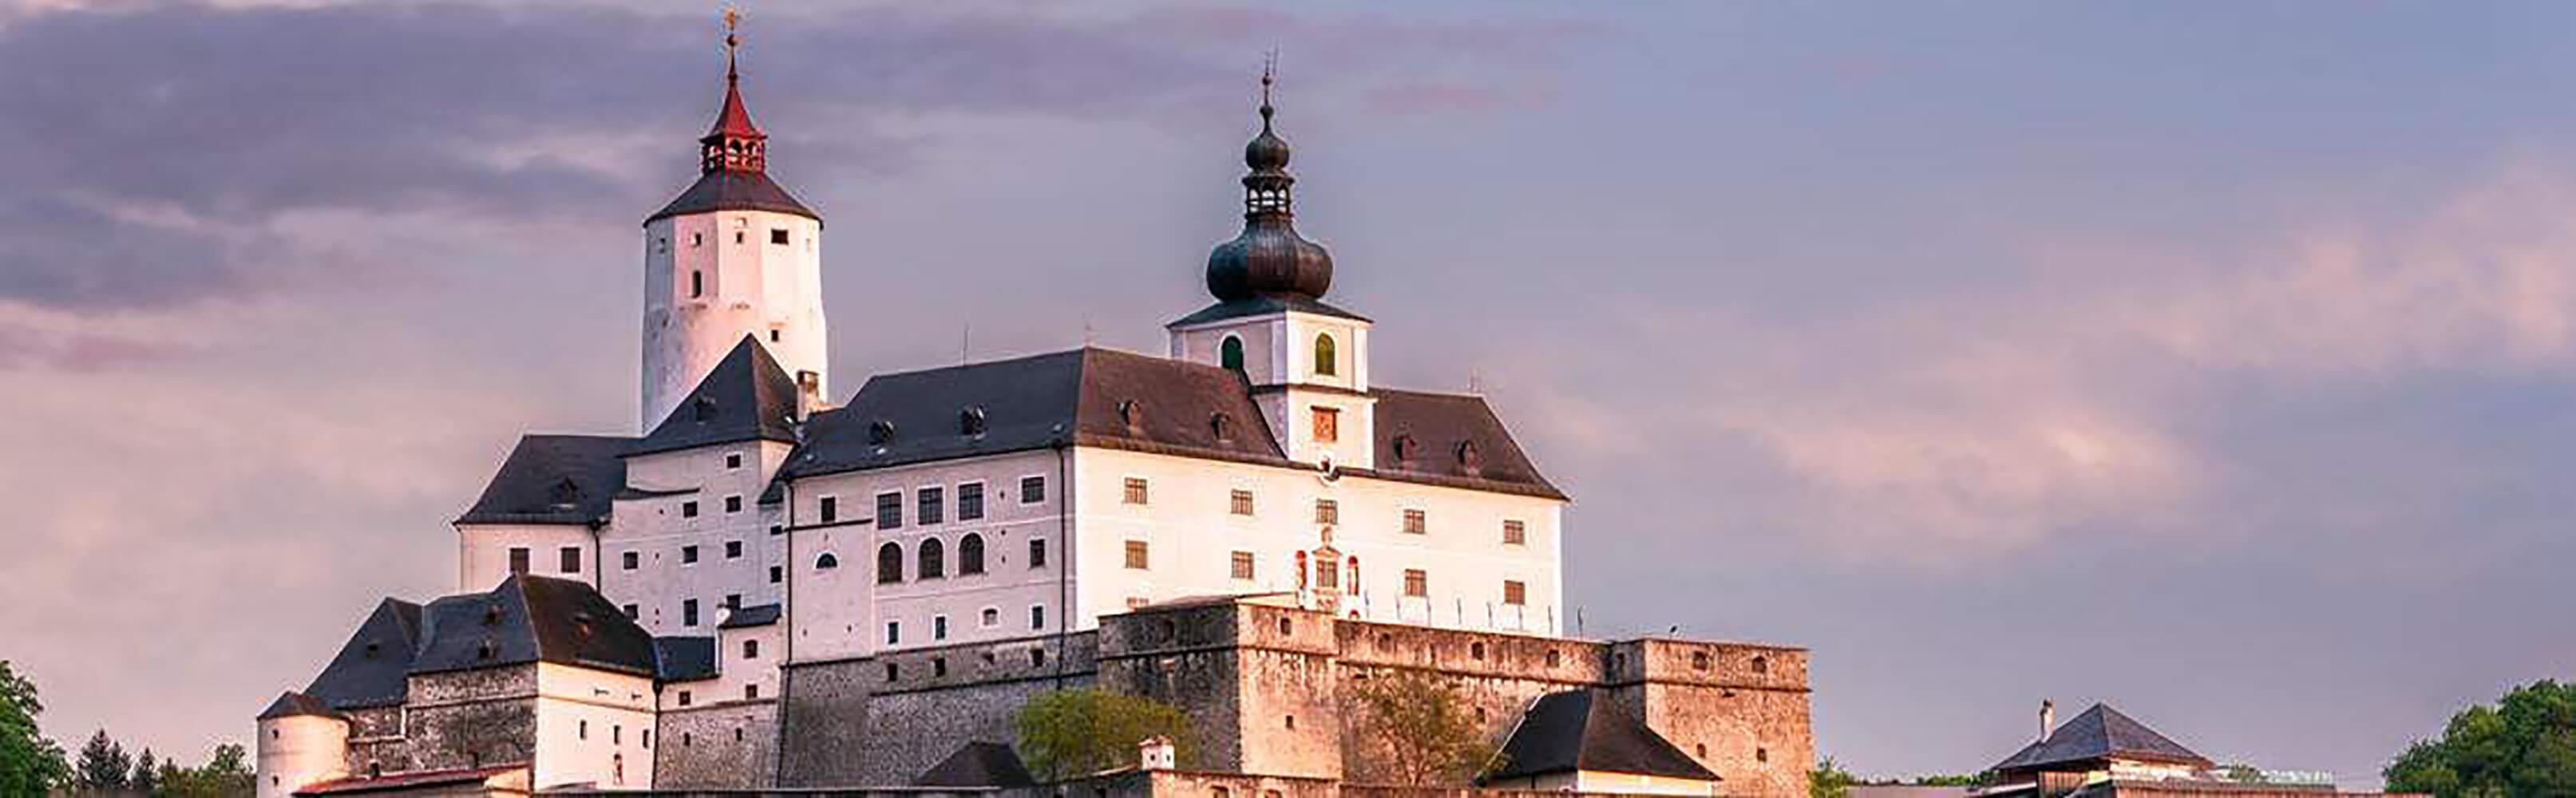 Burg Forchtenstein – Besuchermagnet im Burgenland 1